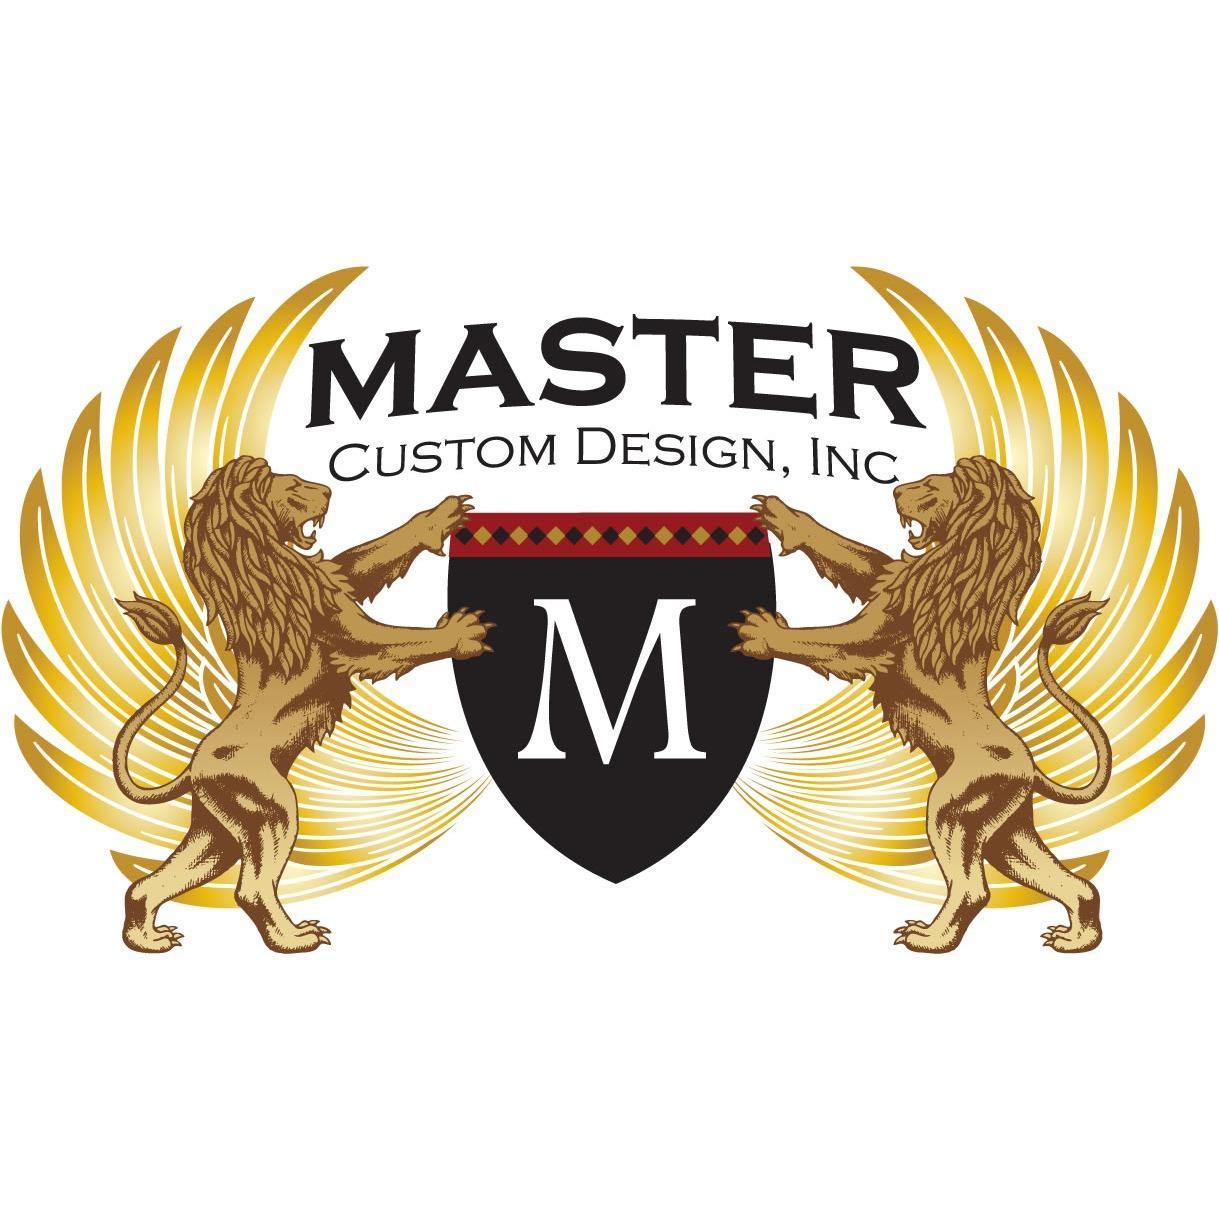 Master Custom Design, Inc.